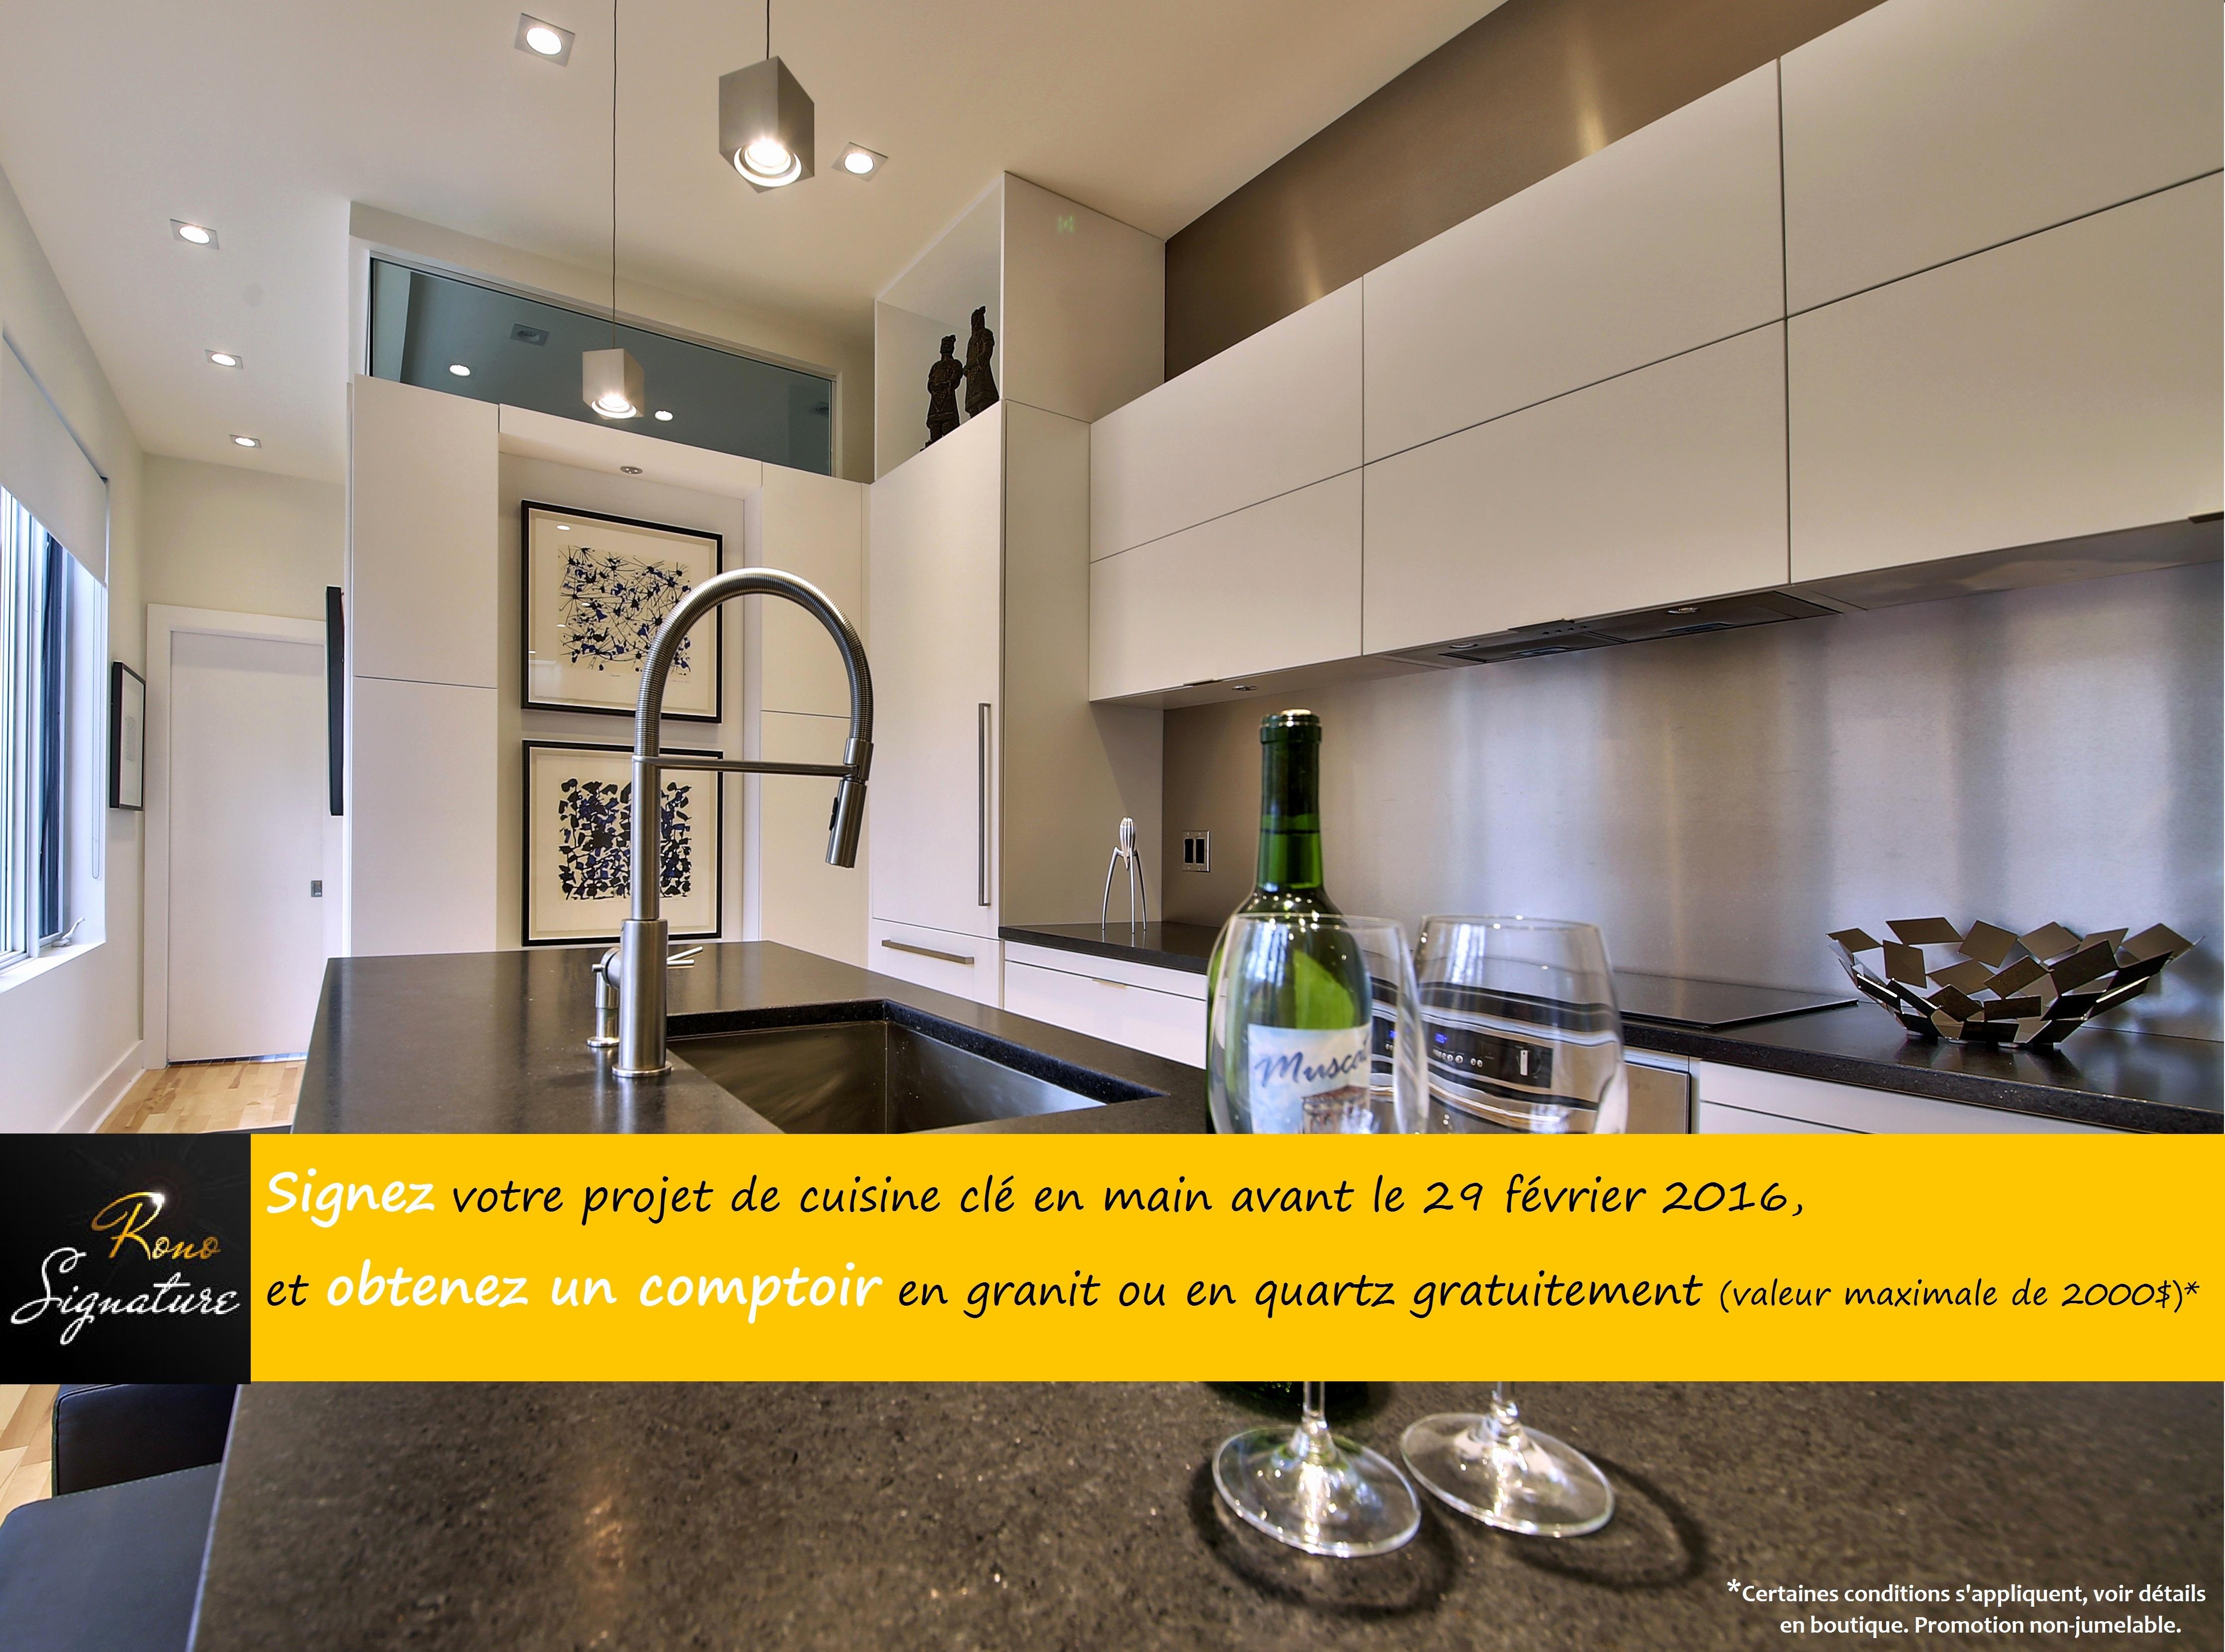 Cuisine Darty Avis 2016 Élégant Image Catalogue Lapeyre Cuisine Inspirant Cuisines but Beau H Sink